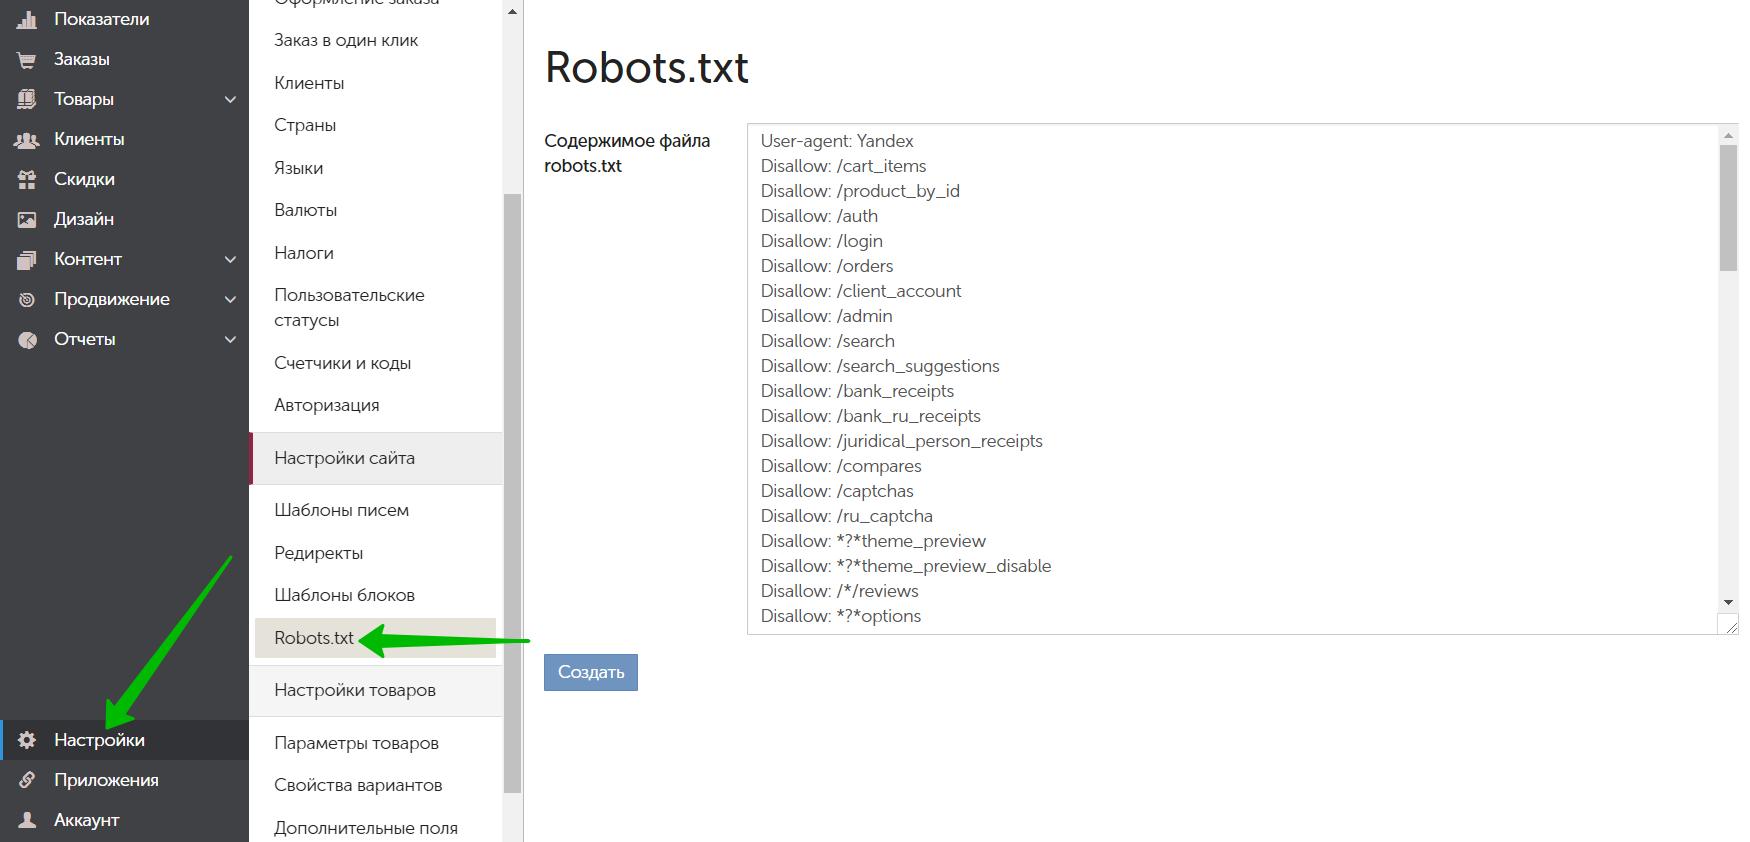 Редактирование robots.txt